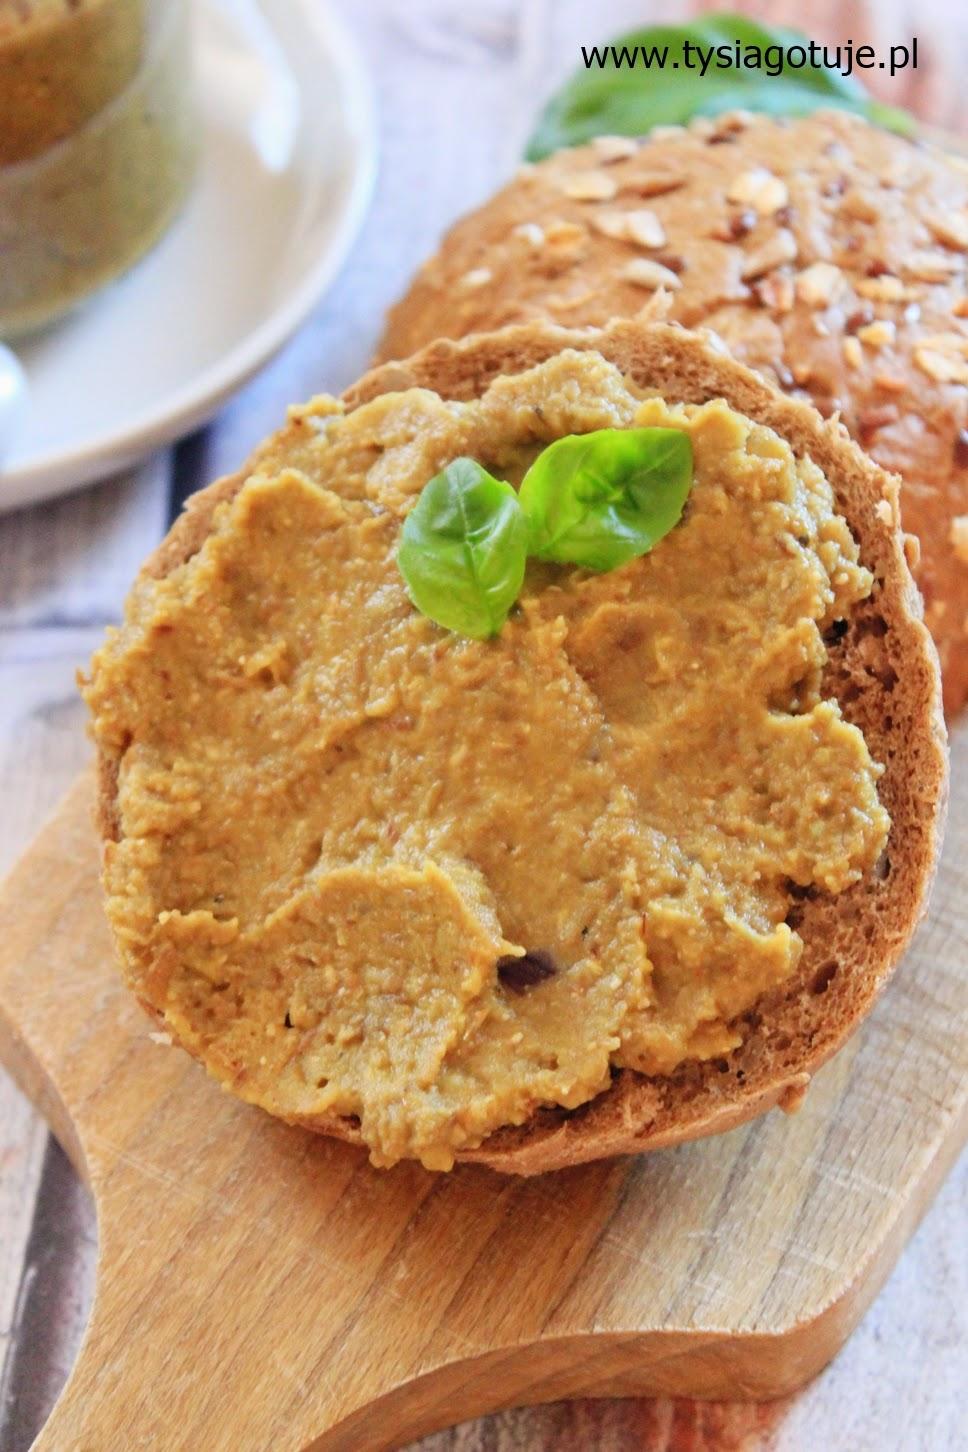 Pasta Z Zielonej Soczewicy Tysia Gotuje Blog Kulinarny